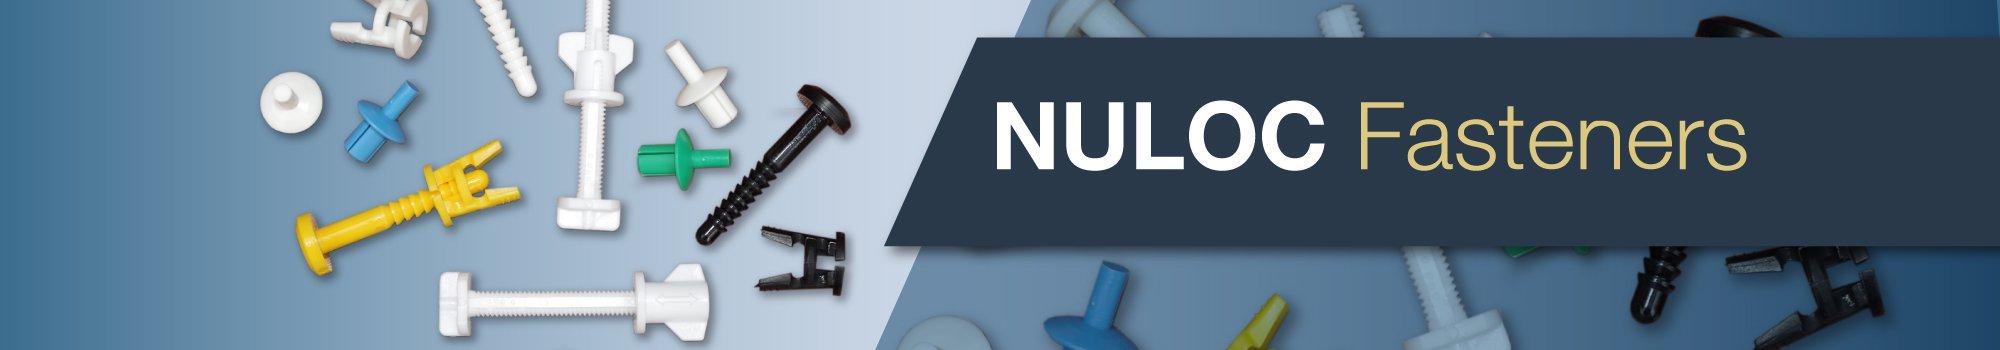 NULOC fasteners